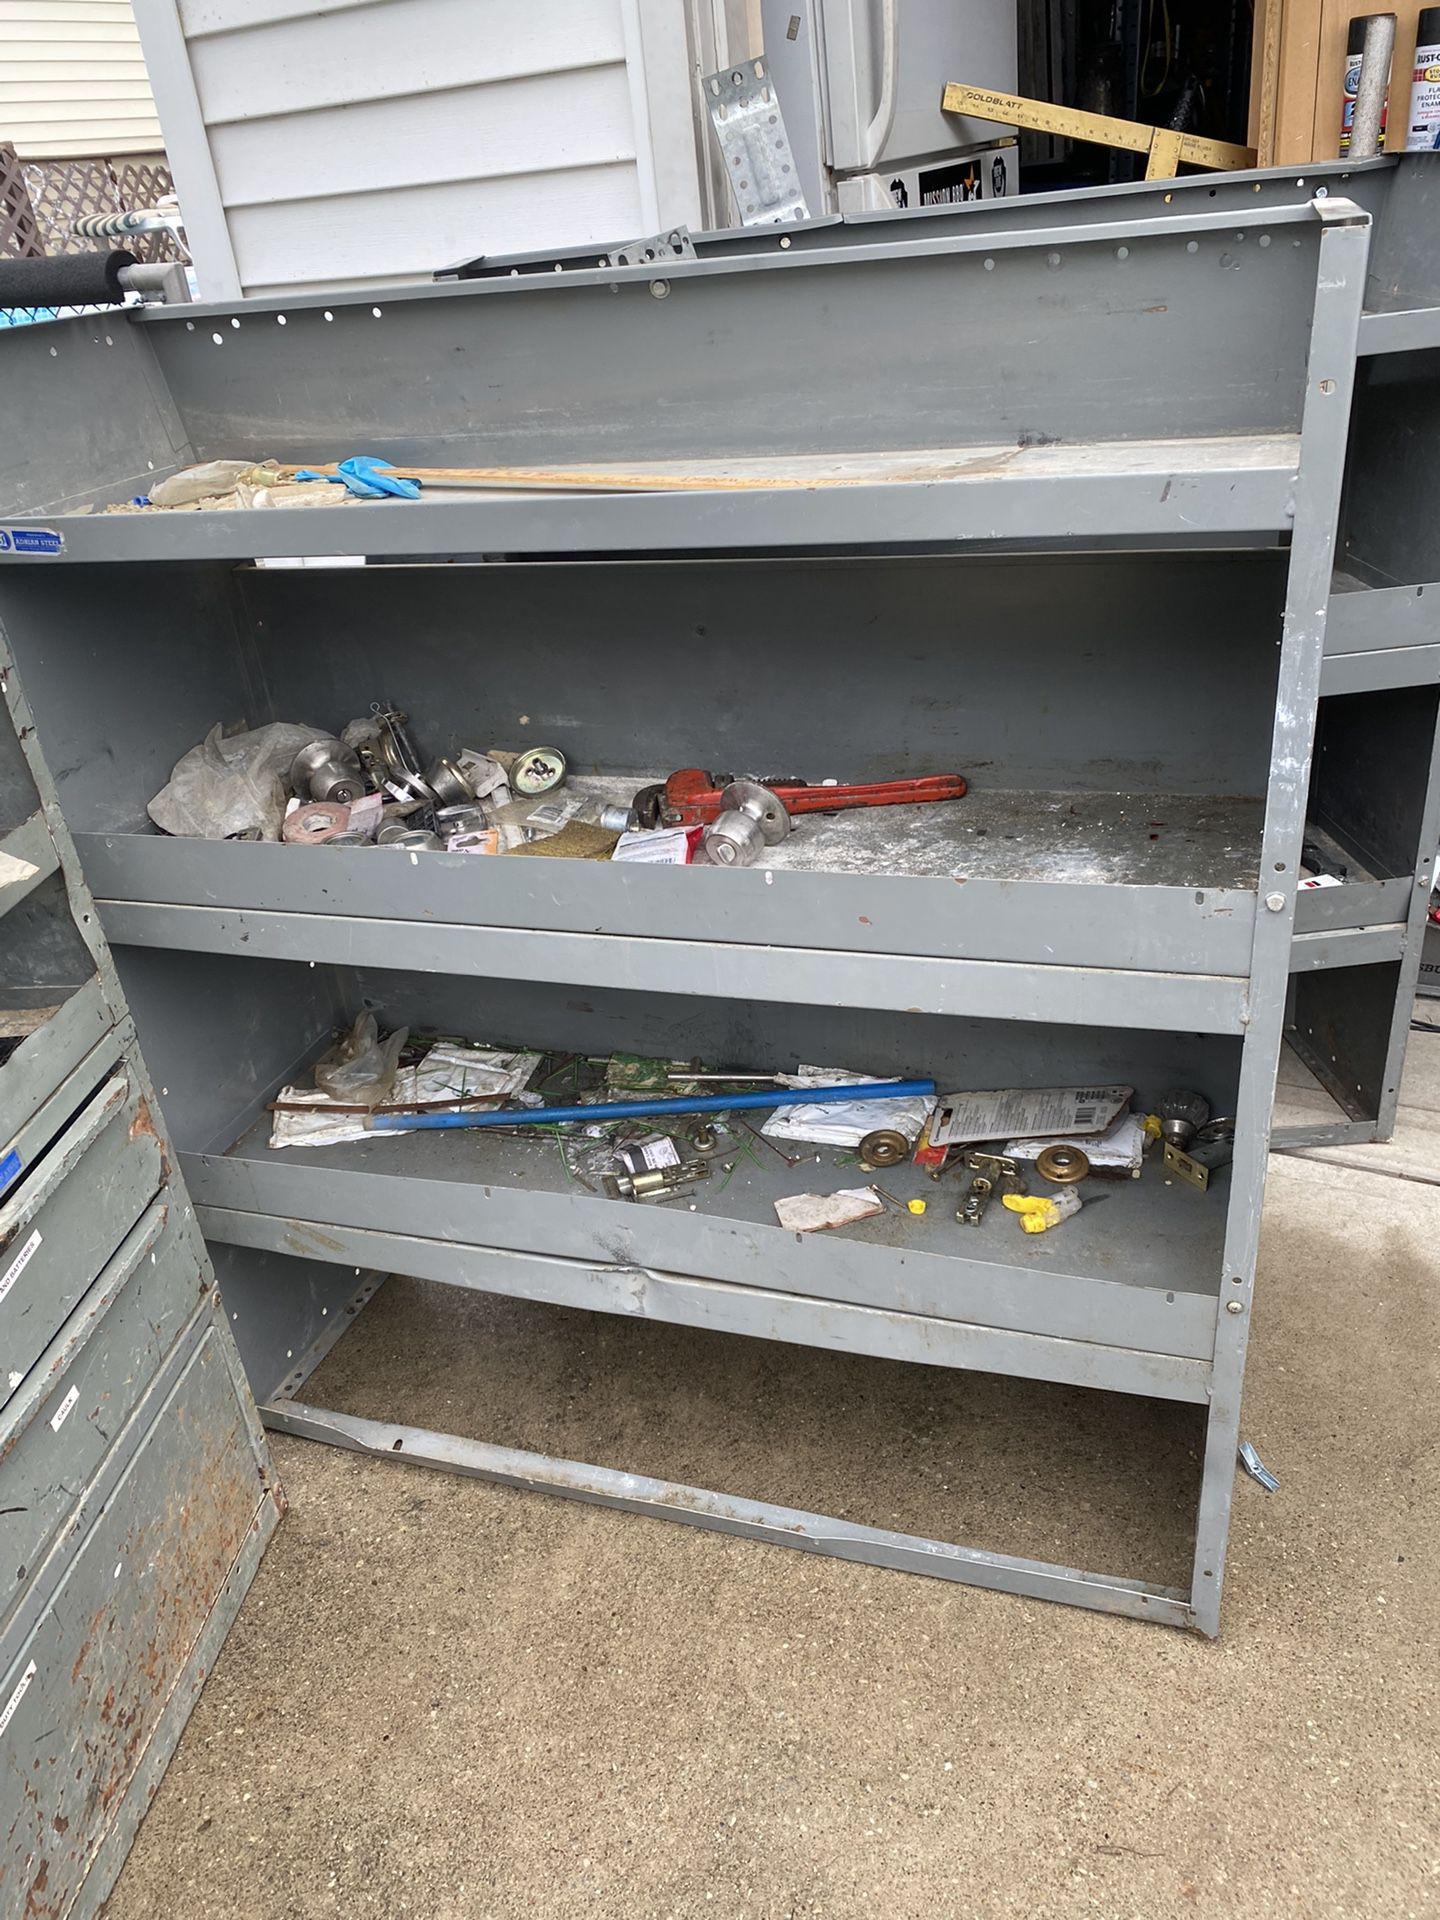 3 Metal Shelves /Storing Cabinets For Vans  $100